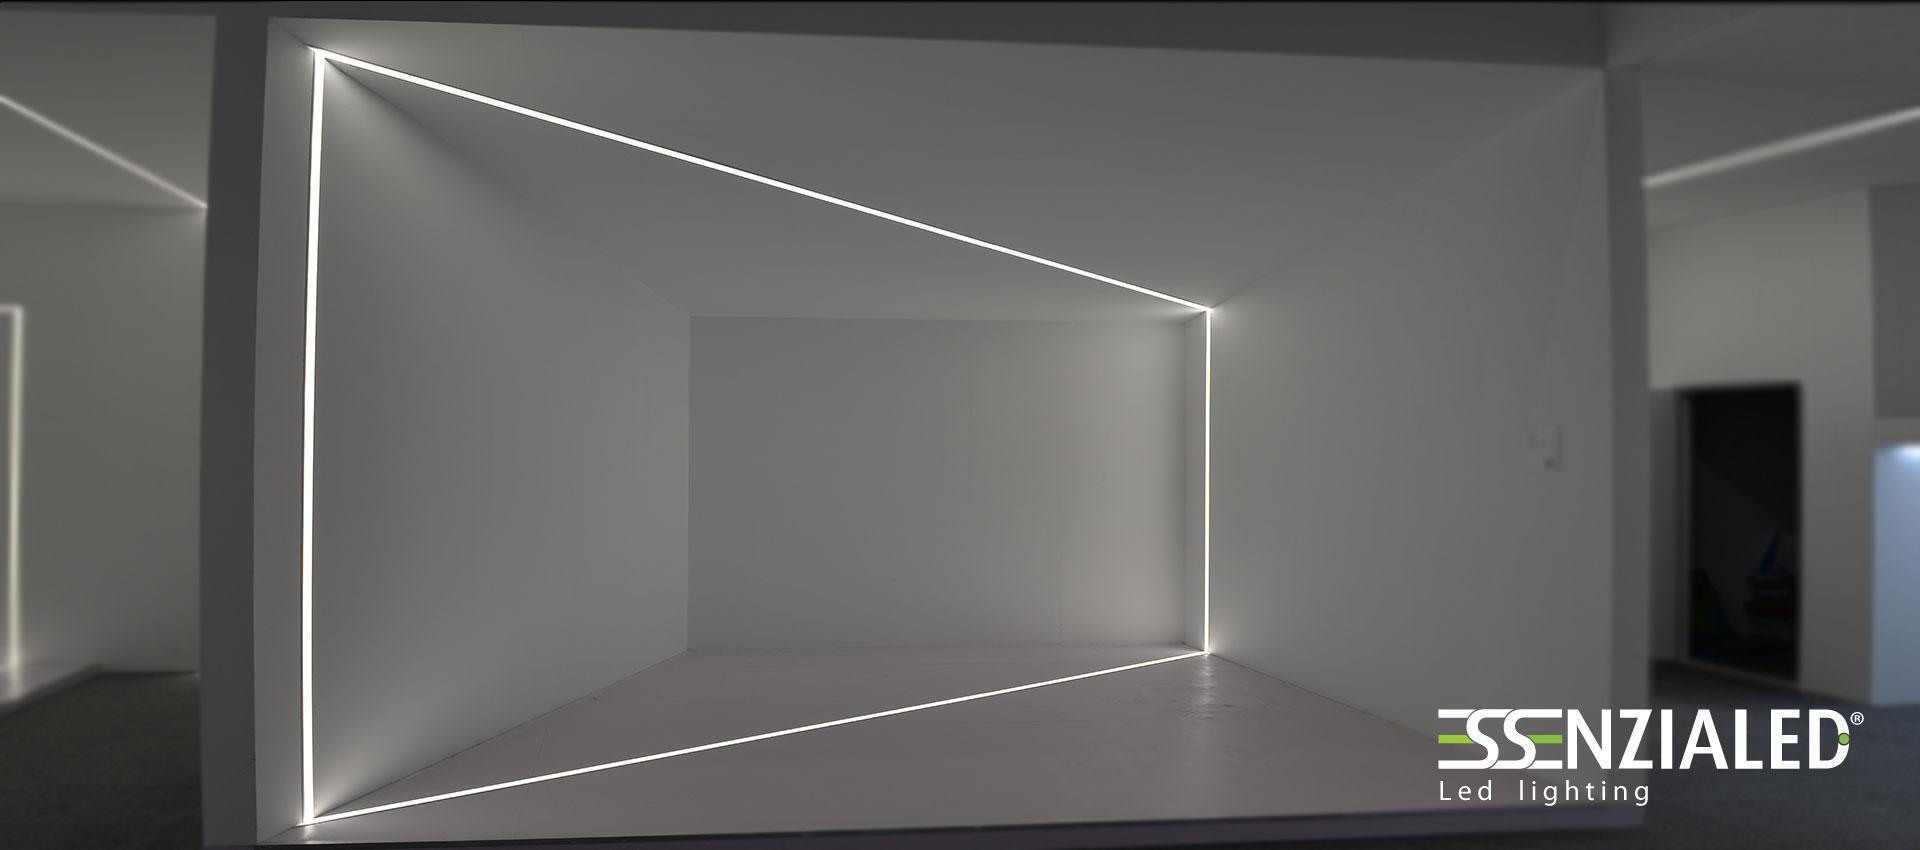 Illuminazione cartongesso Led - Tutto prodotto su misuraEssenzialed ...